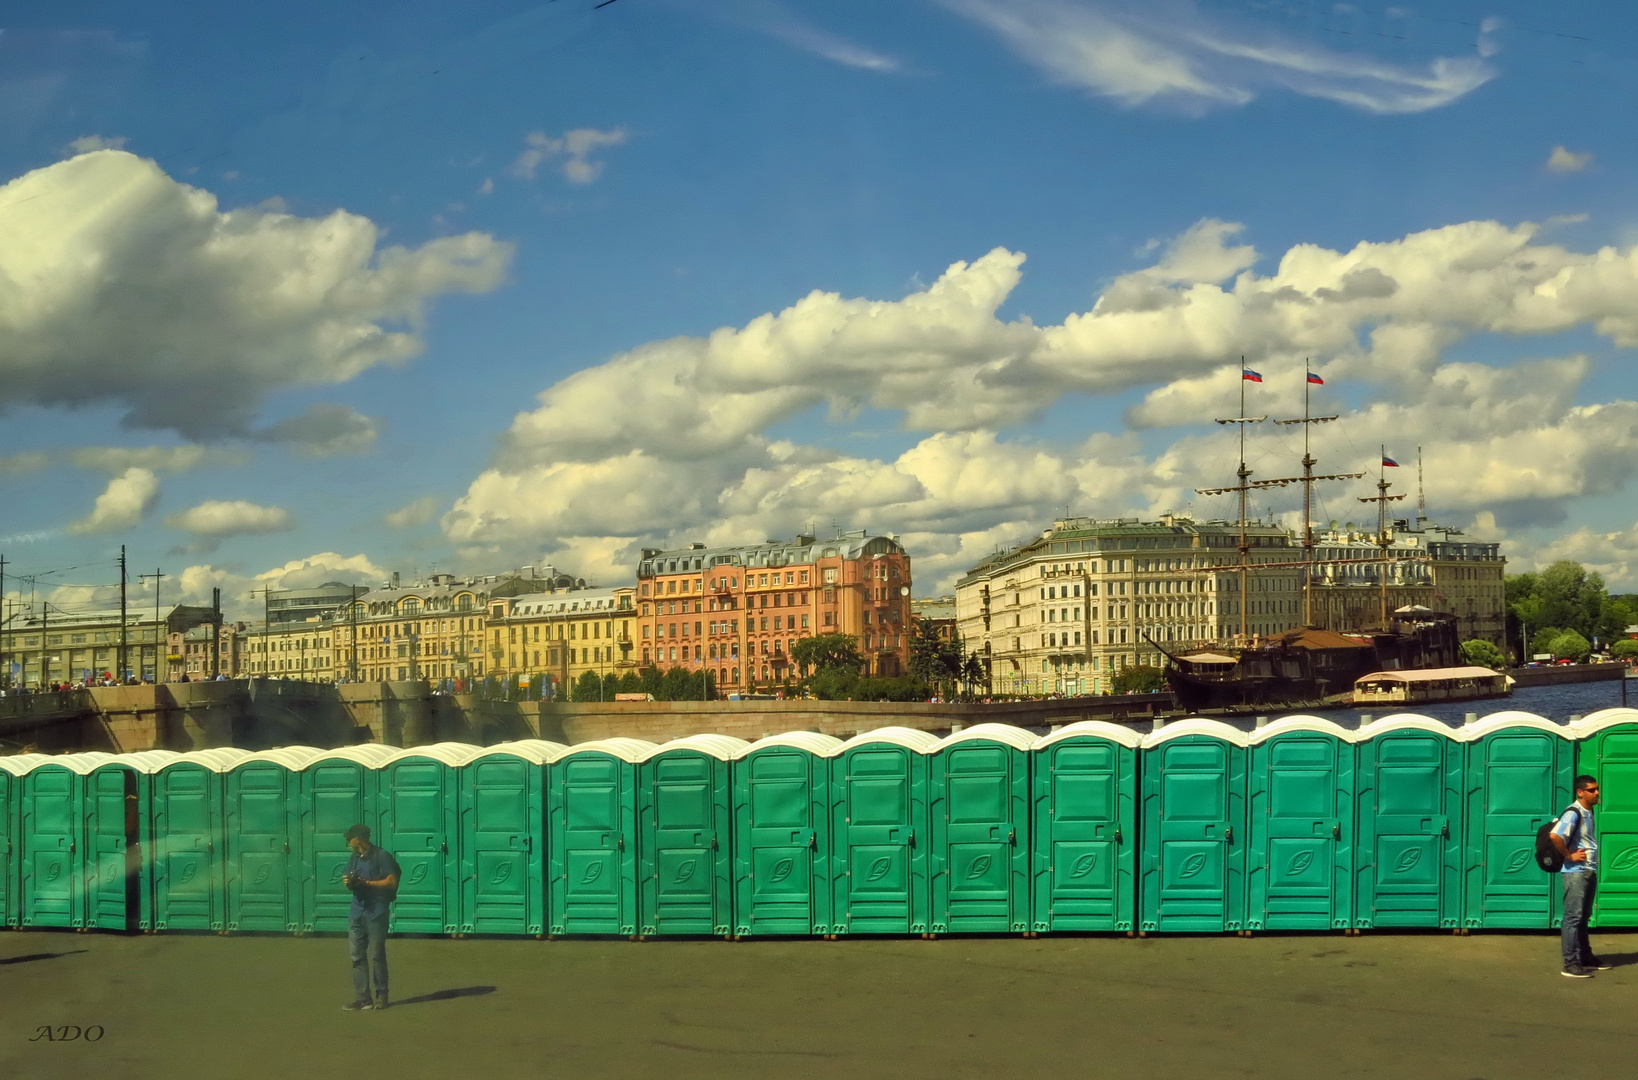 IIIIIIIIIII - St. Petersburg